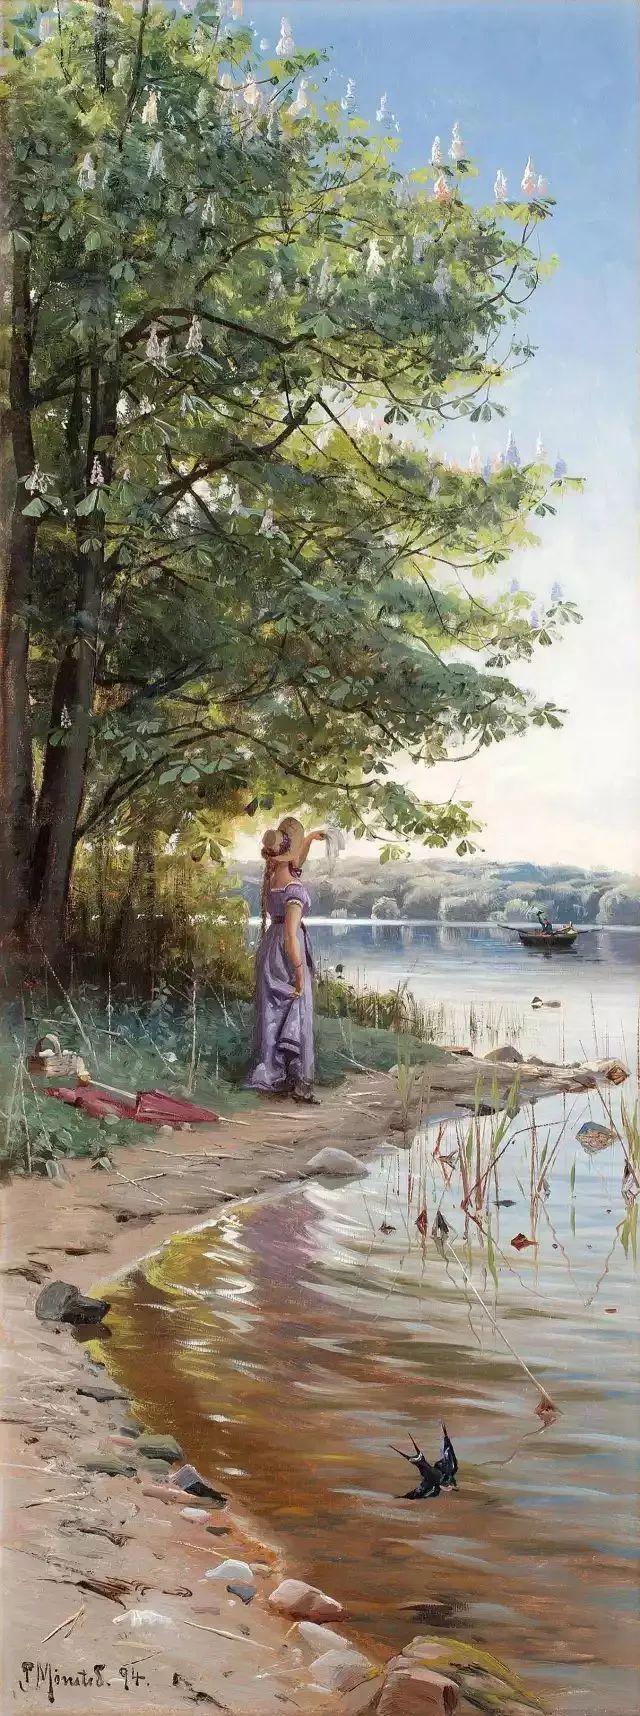 浪漫主义田园风光 丹麦油画大师蒙森德插图46